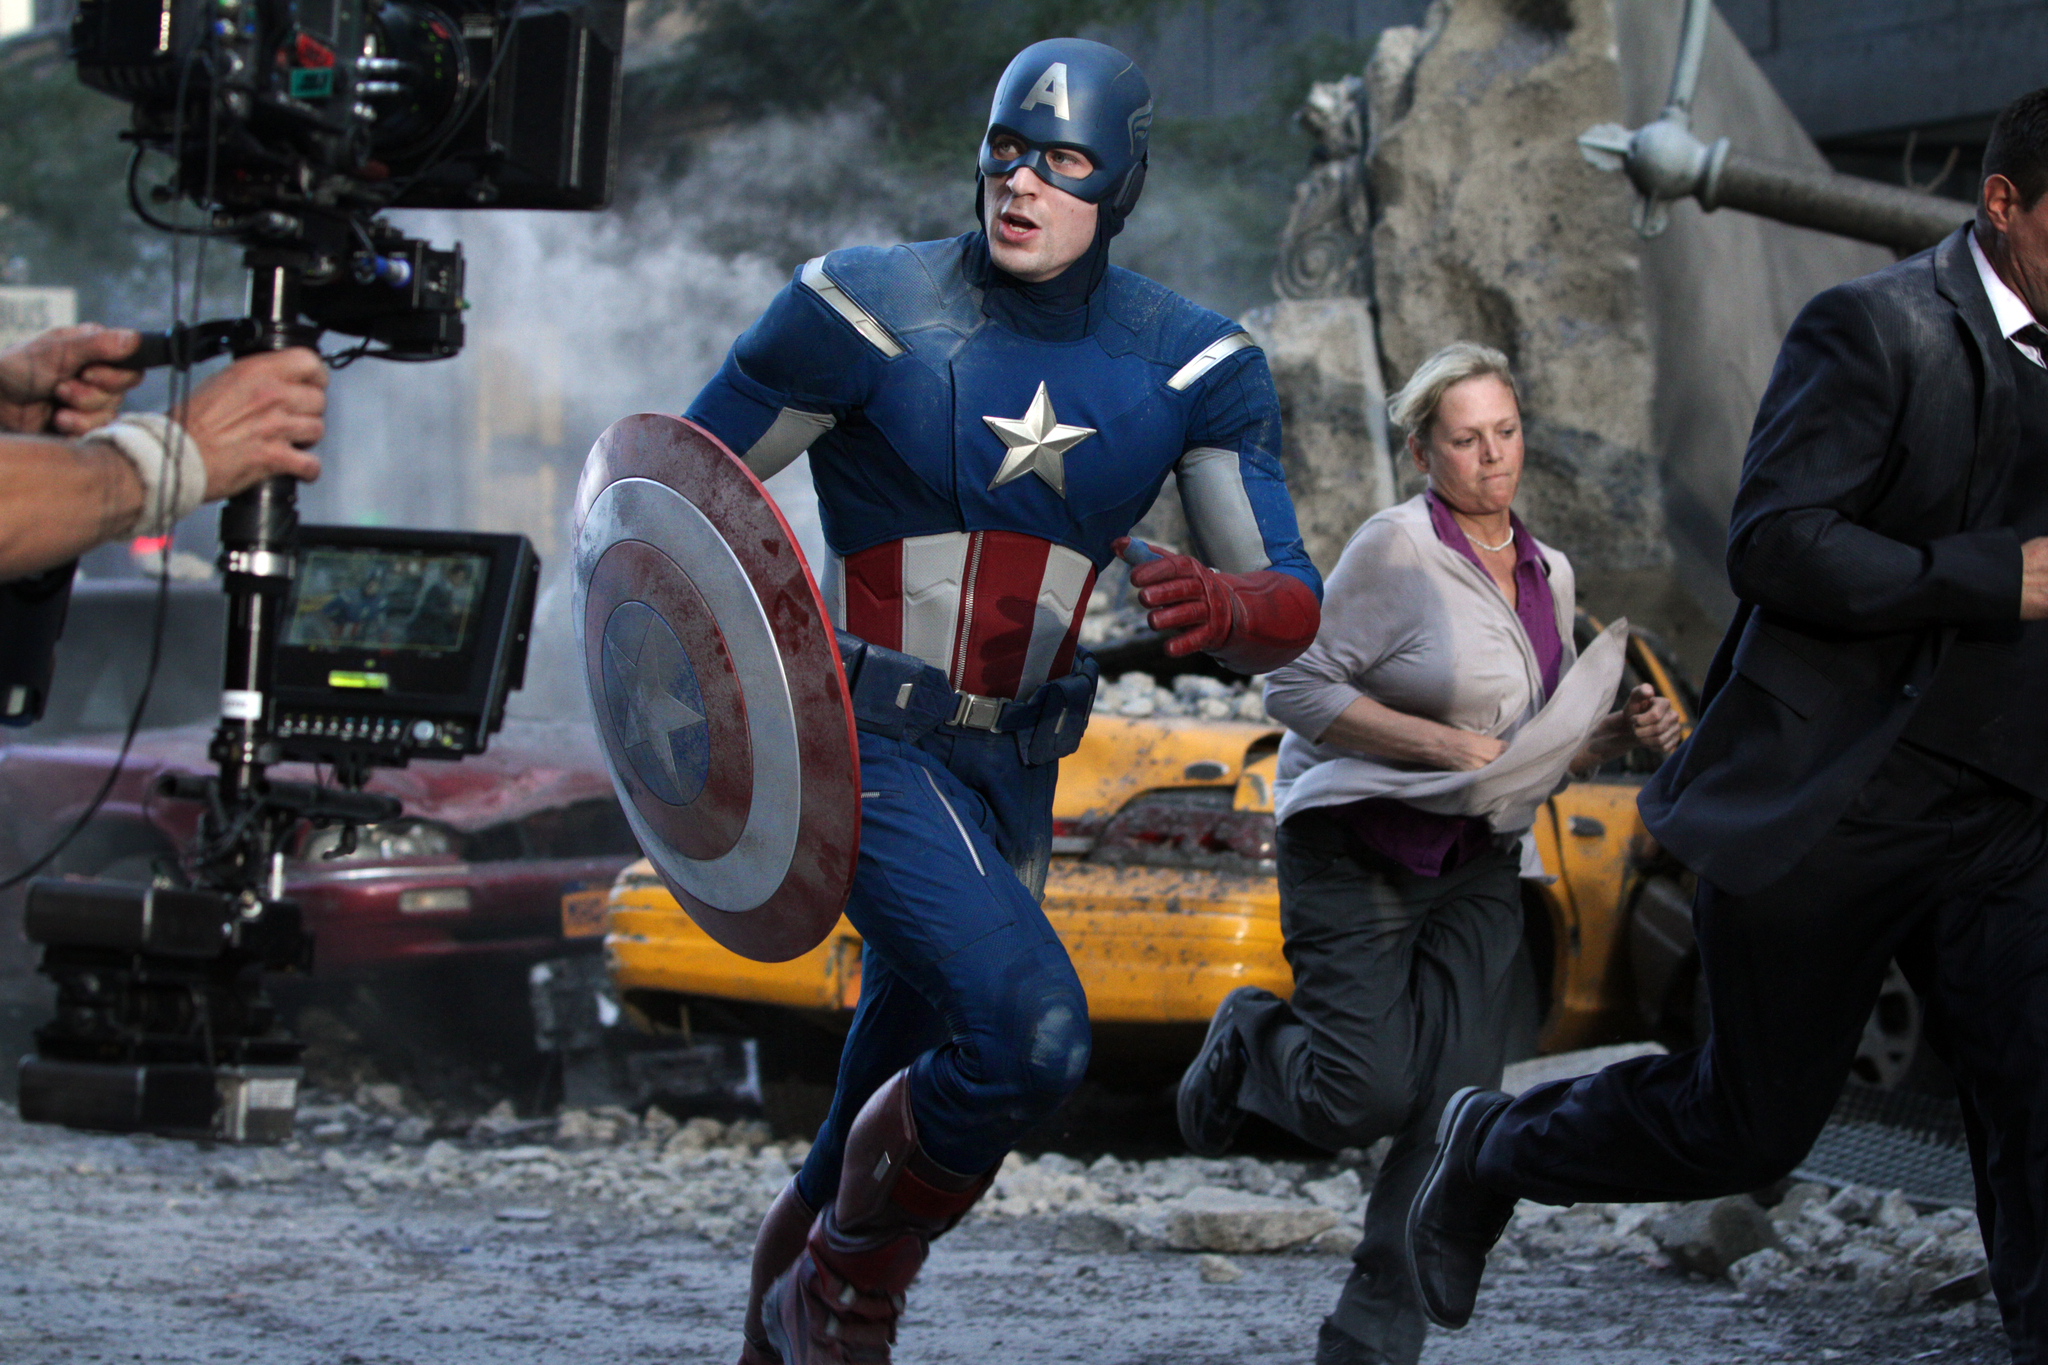 смешные картинки с капитаном америкой для обработки